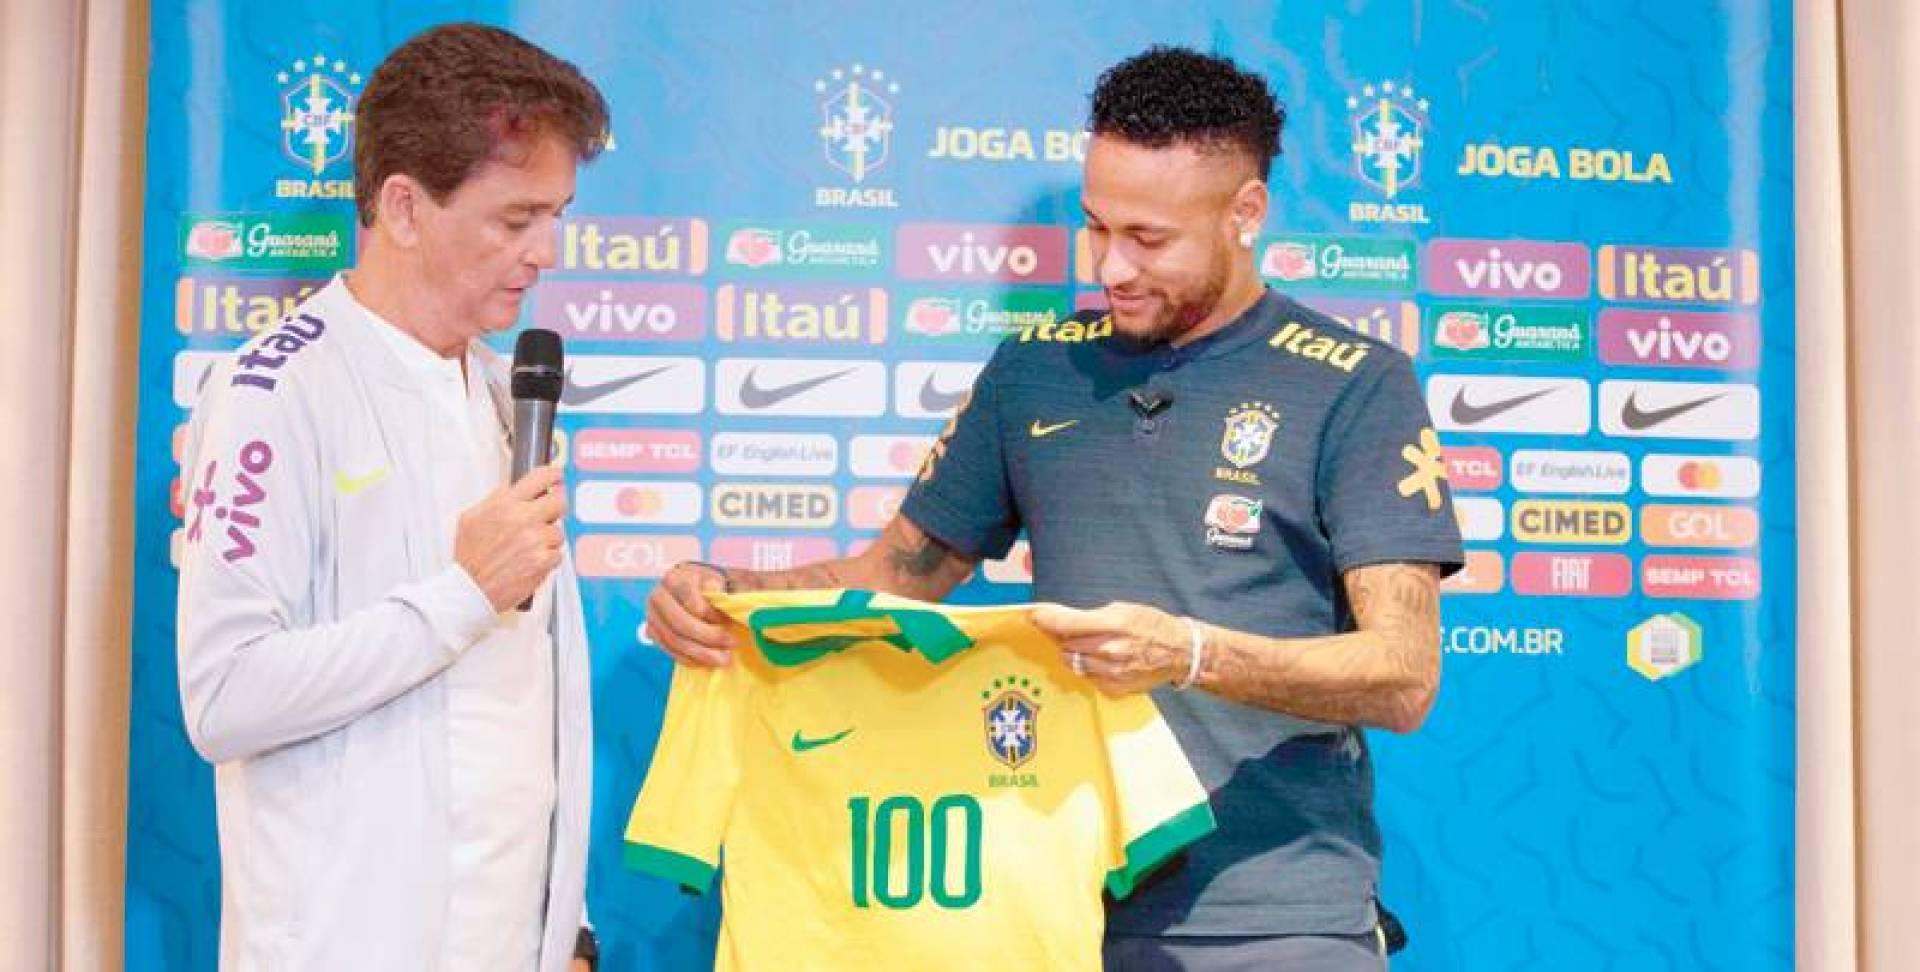 نيمار يتسلم قميص رقم 100 من النجم البرازيلي السابق بيبيتو | ا.ف.ب